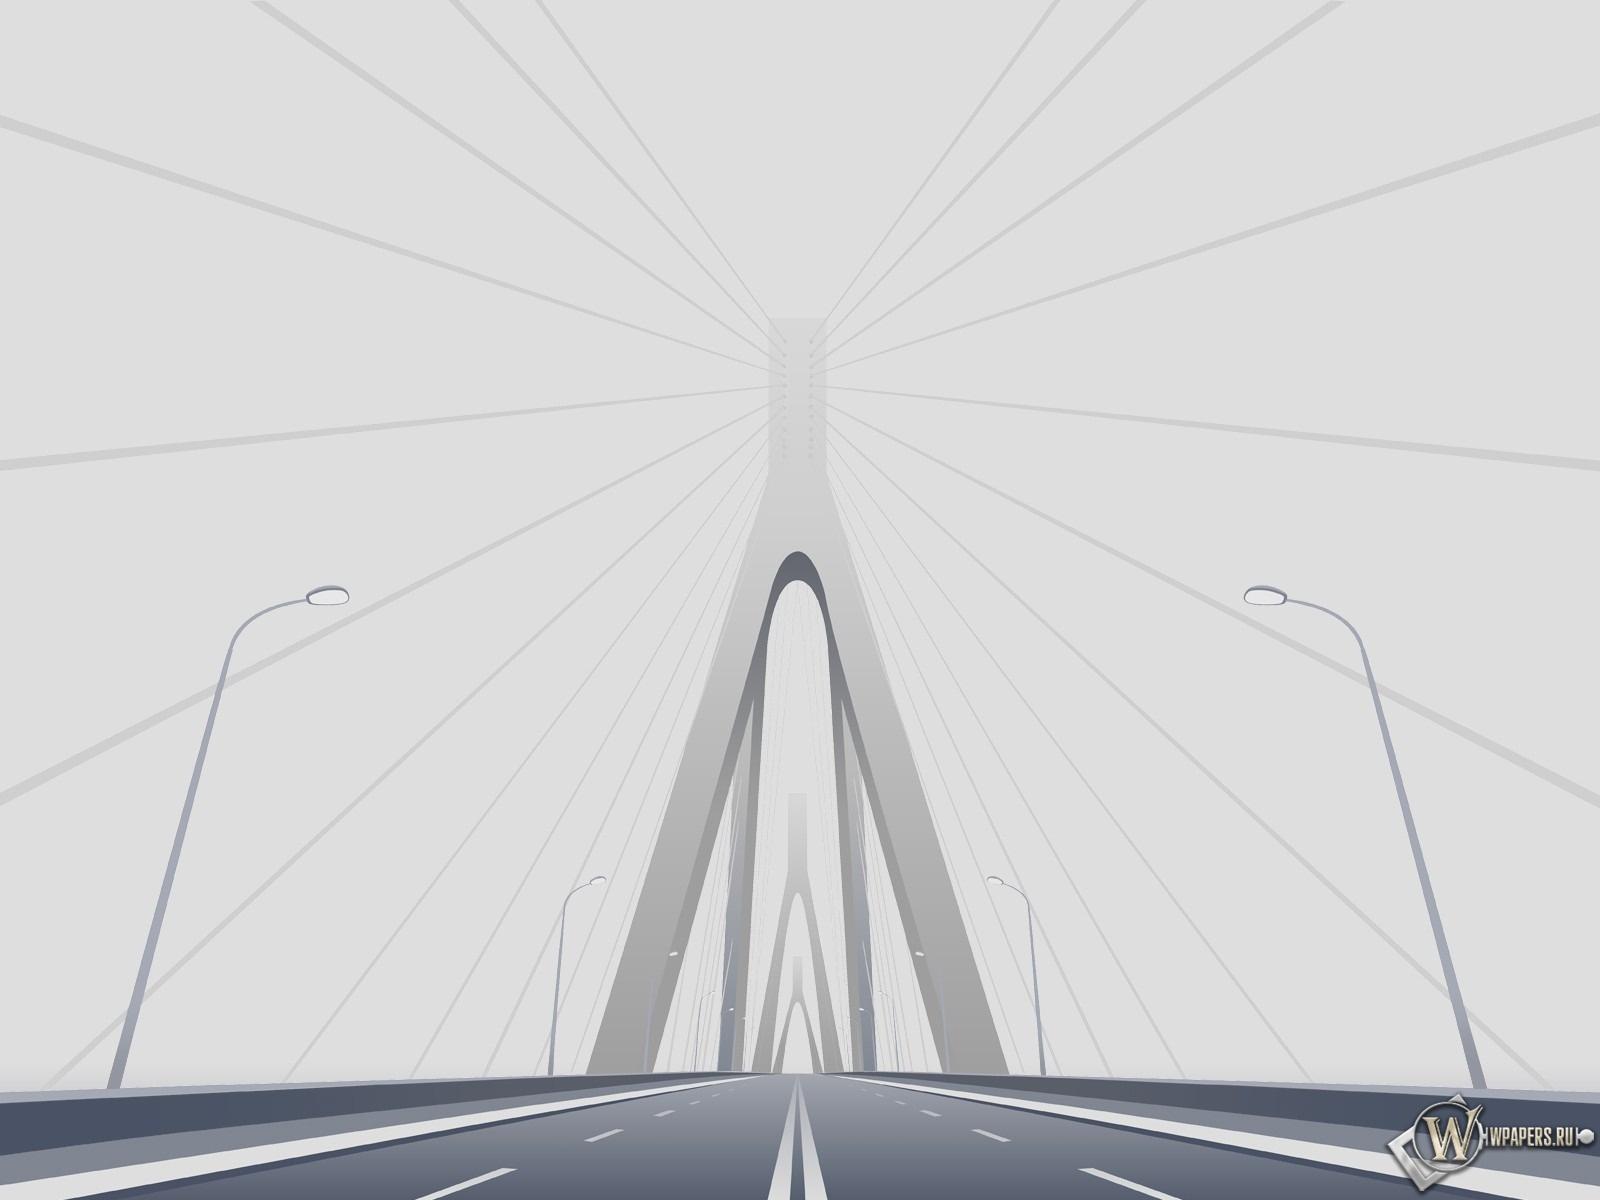 Автомобильный мост 1600x1200